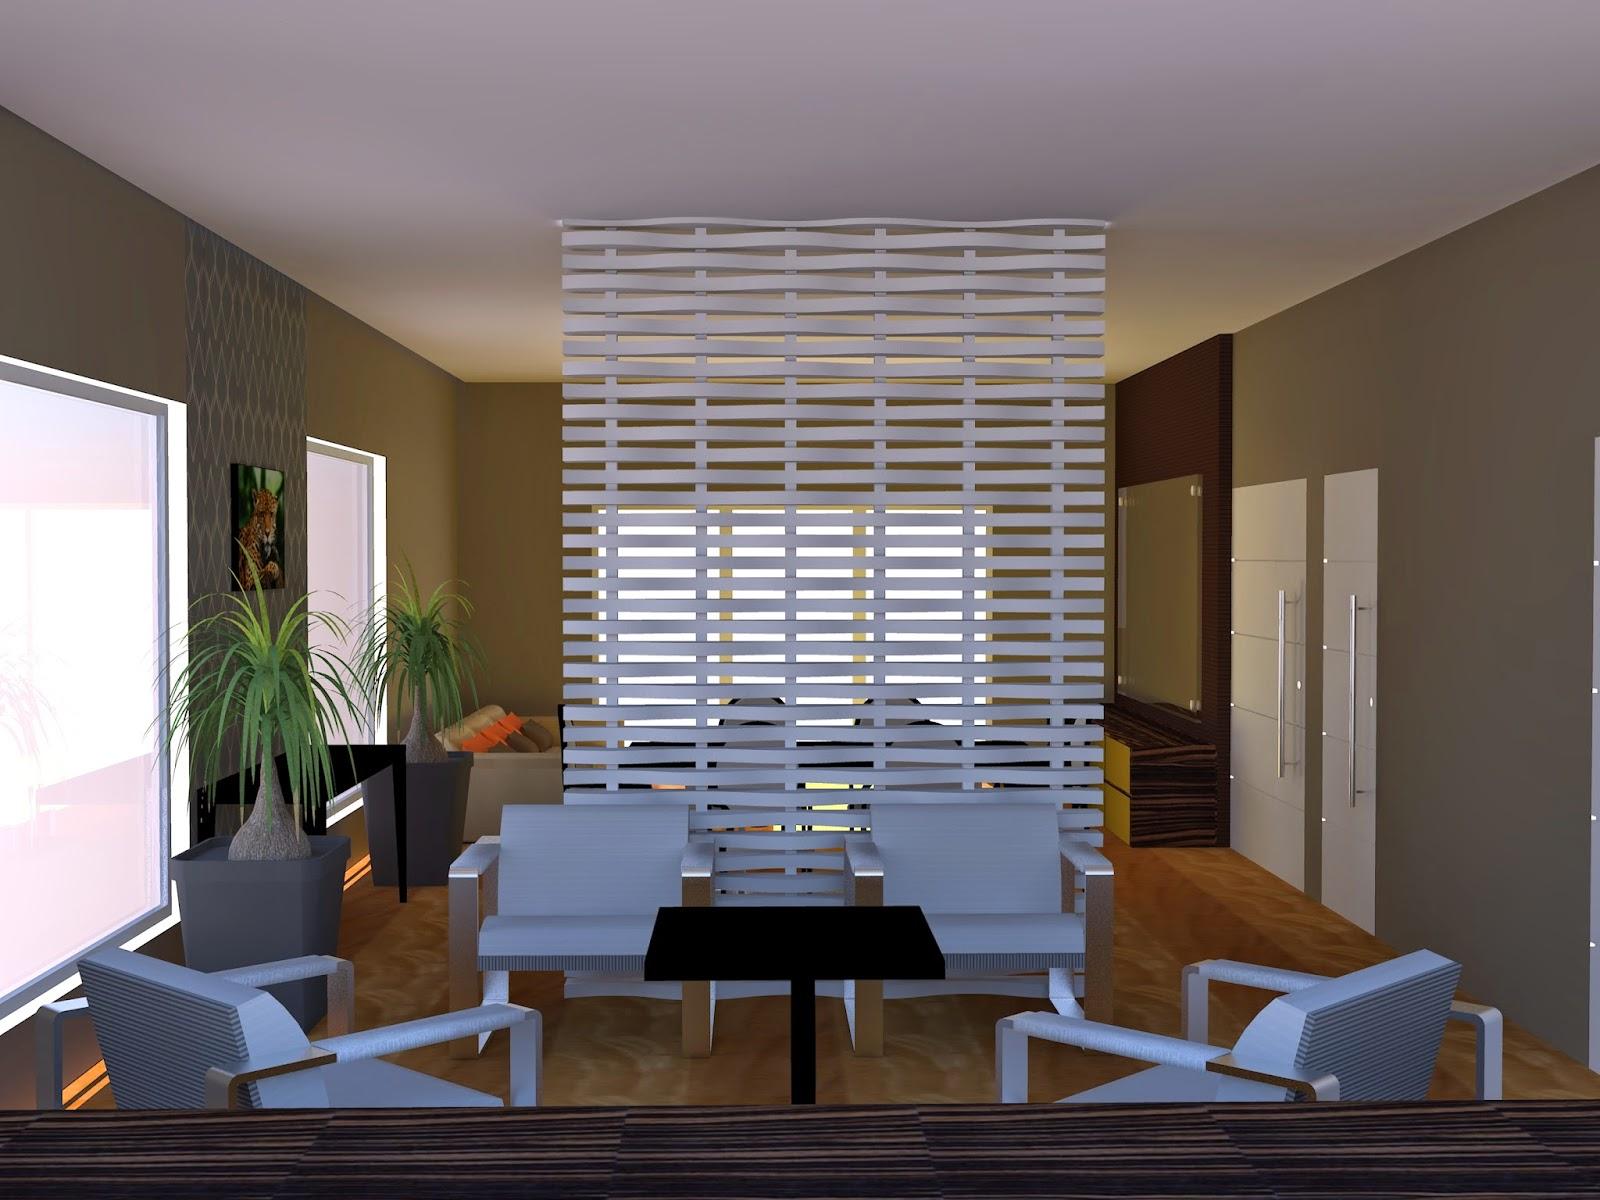 #5C4831 sala de estar é composta por três ambientes estar jantar e bar  1600x1200 píxeis em Como Dividir Sala De Estar Com Sala De Tv